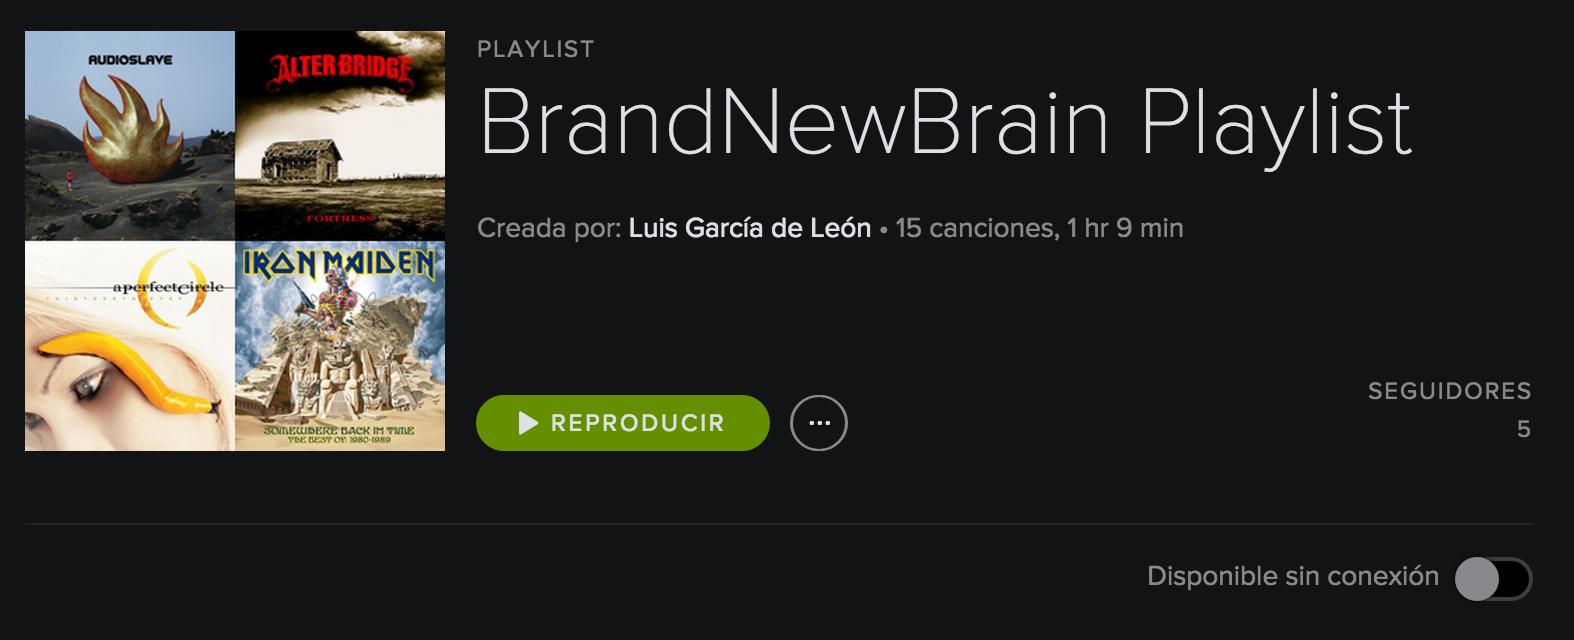 #Spotify #BNBPlaylist